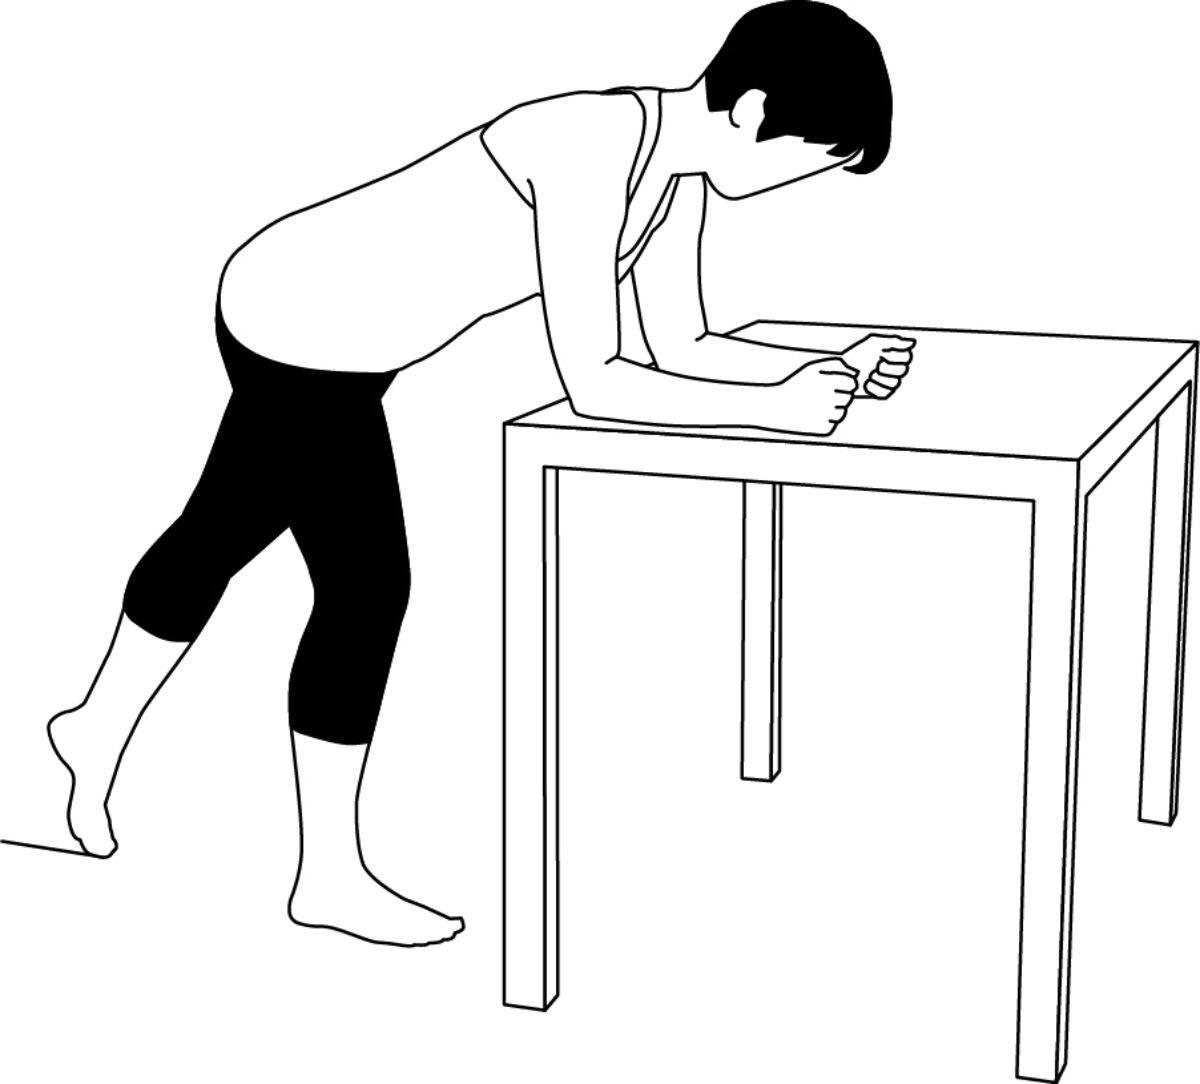 Schulter-Übung 3: Zur Aktivierung der Schultermuskulatur, Stellung 2